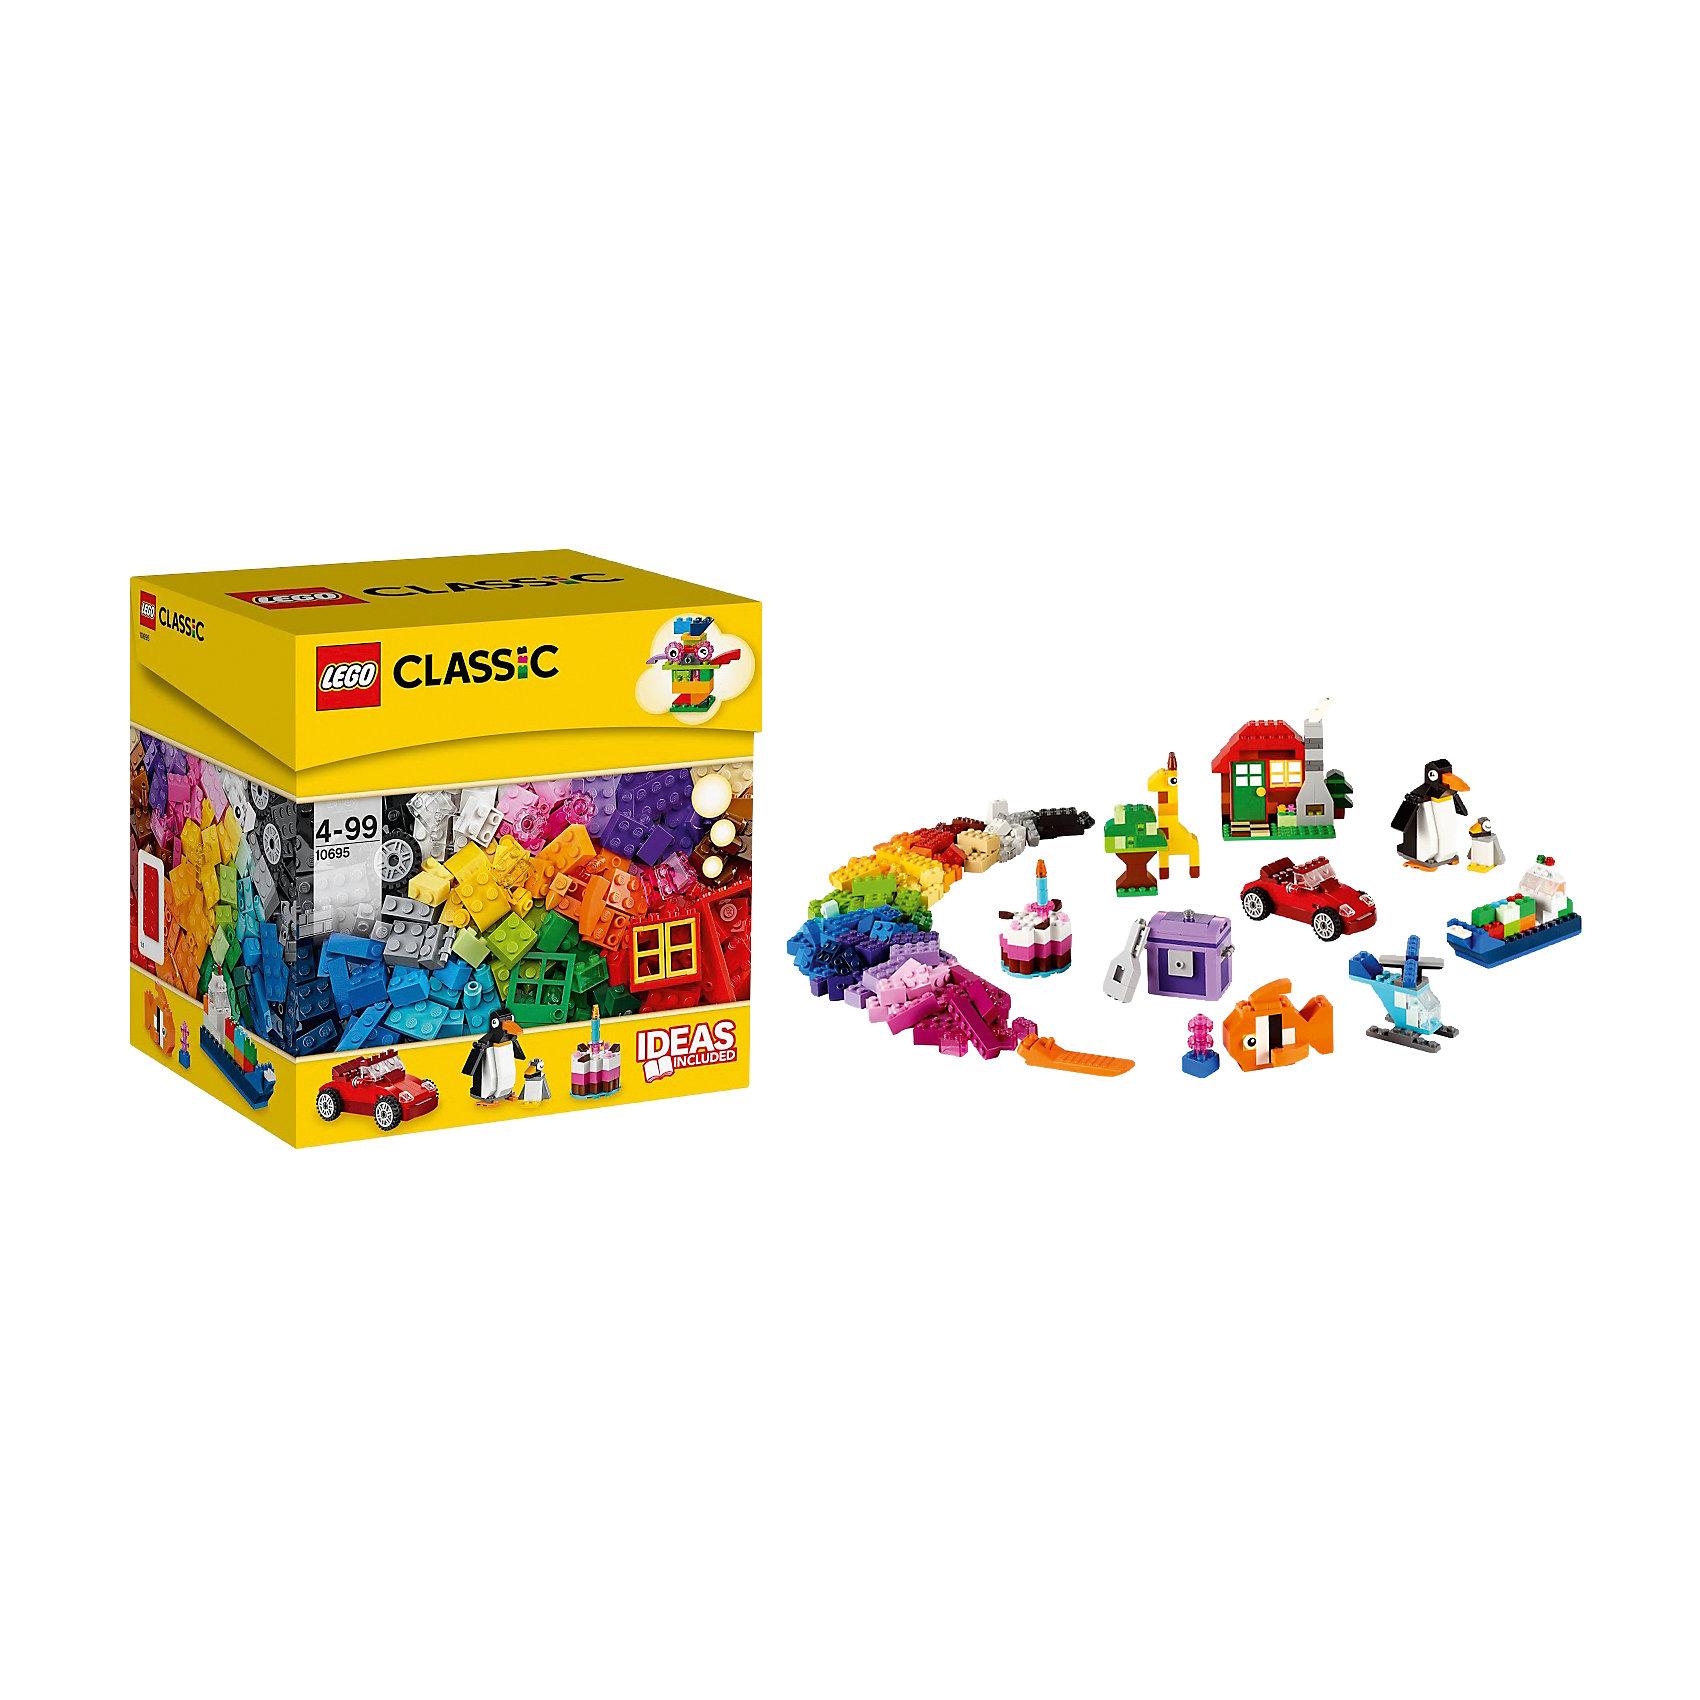 LEGO 10695: Набор для веселого конструированияПингвин, жираф, автомобиль сова и даже вертолет! Все это и многое другое ты сможешь сделать вместе с этим набором. Кубики ярких цветов и причудливые элементы позволят собрать все, что придет вам в голову! Не знаете с чего начать? Воспользуйтесь инструкцией с идеями и рекомендациями дизайнеров. Этот набор идеально дополнит либо уже имеющийся набор LEGO.<br><br>Наборы для творчества LEGO (ЛЕГО)  идеальны для начинающих строителей всех возрастов. Они также дополнят любую имеющуюся коллекцию LEGO. Набор упакован в удобную пластиковую коробку. <br><br>Дополнительная информация:<br><br>- Конструкторы ЛЕГО развивают усидчивость, внимание, фантазию и мелкую моторику. <br>- Комплектация: колеса, пропеллеры, стандартные кубики, кубики с рисунками, двери, окна, колеса.<br>- Количество деталей: 580 шт.<br>- Серия ЛЕГО (LEGO) Наборы для творчества.<br>- Материал: пластик.<br>- Размер упаковки: 23х22,5х19 см.<br>- Вес: 1,064 кг<br><br>LEGO 10695: Набор для веселого конструирования можно купить в нашем магазине.<br><br>Ширина мм: 240<br>Глубина мм: 231<br>Высота мм: 195<br>Вес г: 907<br>Возраст от месяцев: 48<br>Возраст до месяцев: 144<br>Пол: Унисекс<br>Возраст: Детский<br>SKU: 3996083